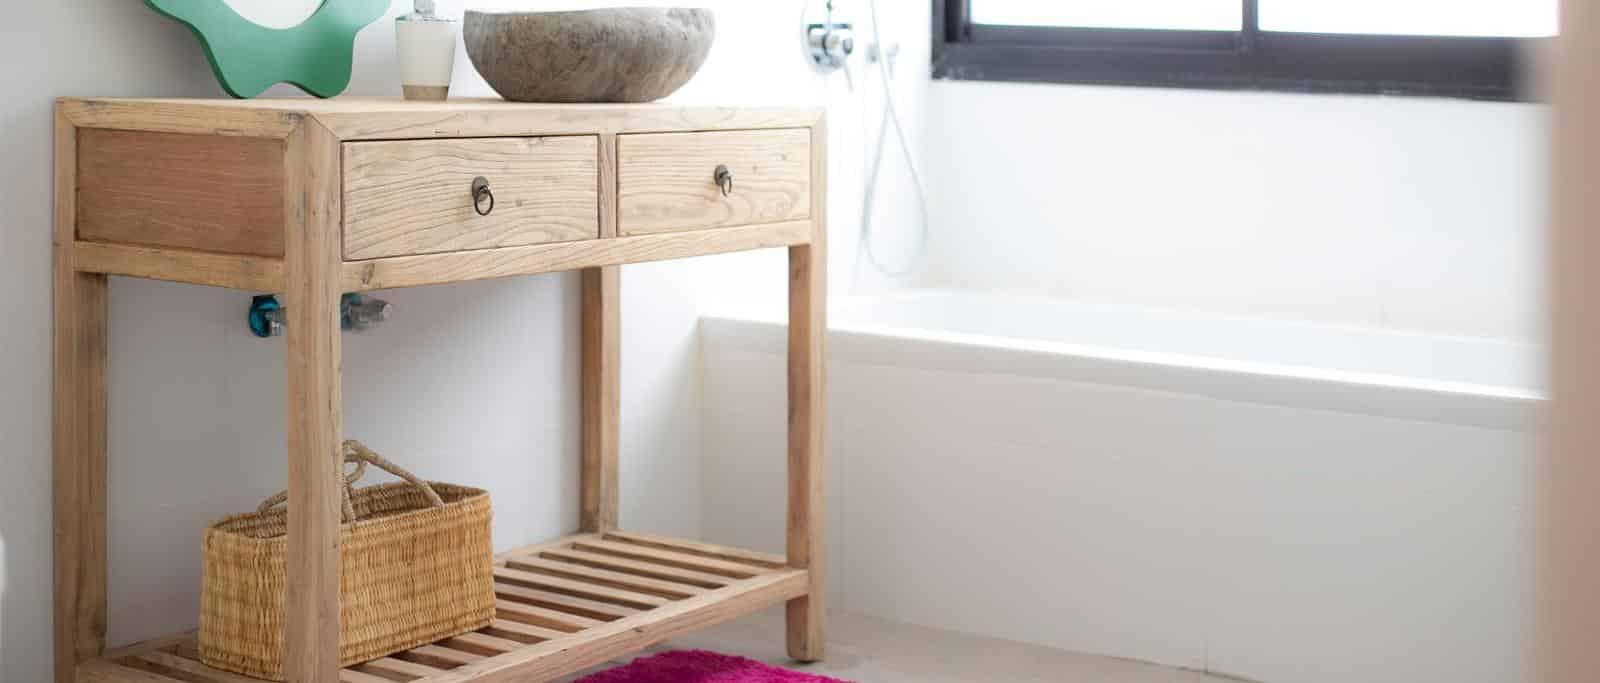 רהיטים ואביזרים לעיצוב מדליק בחדר הרחצה